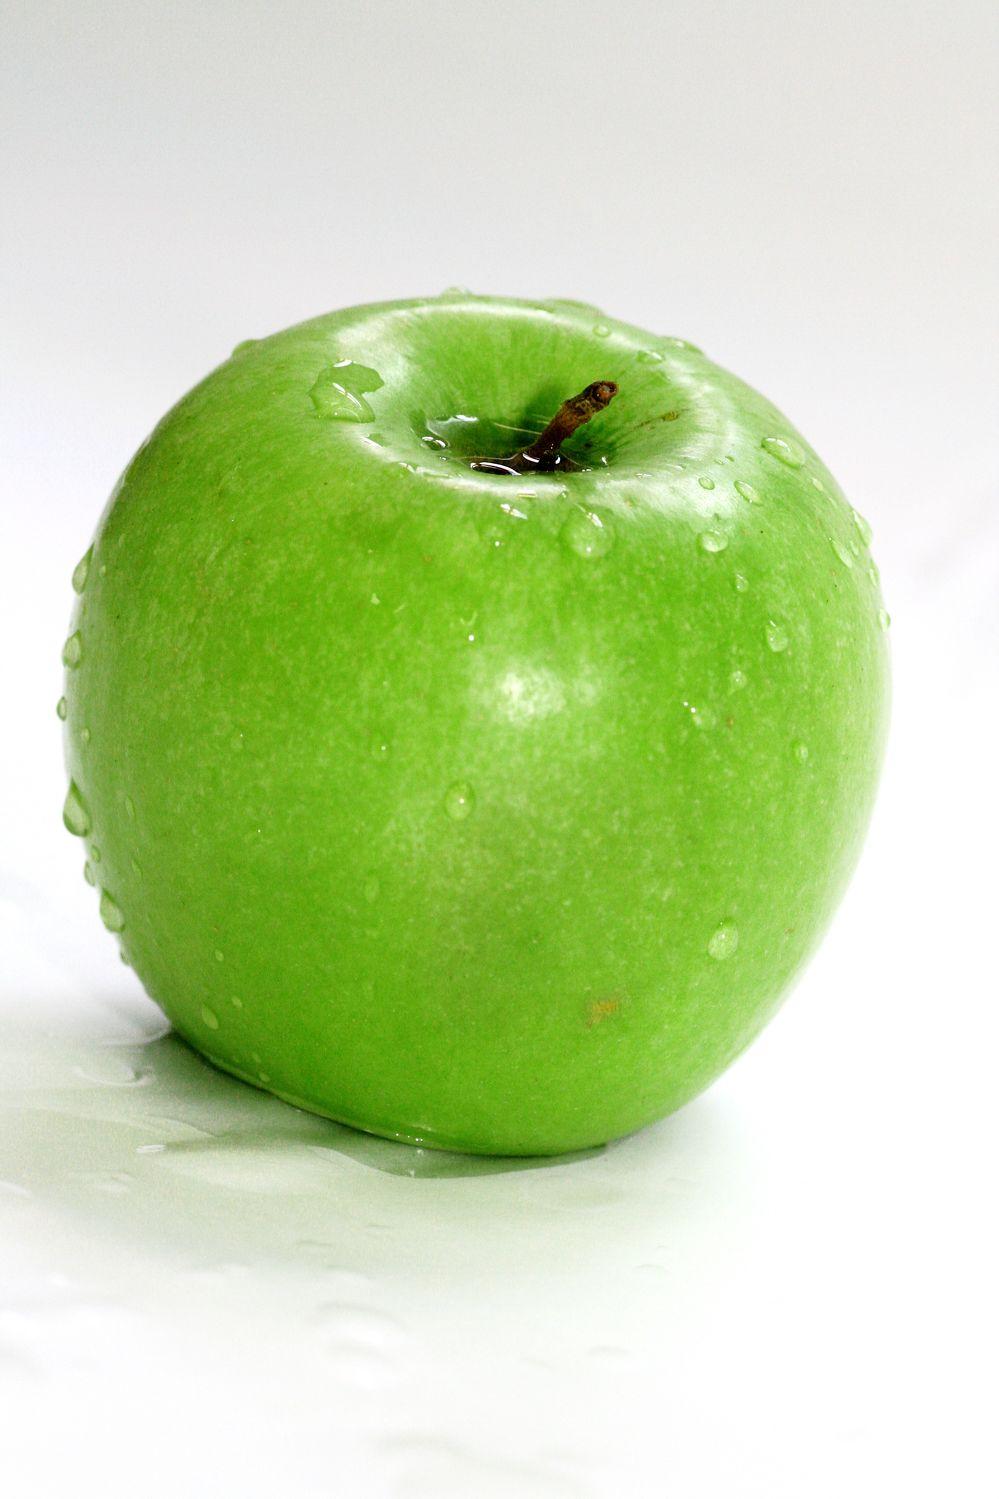 Bild mit Früchte, Lebensmittel, Essen, Frucht, Kulturapfel, Obst, Apfel, Apfel